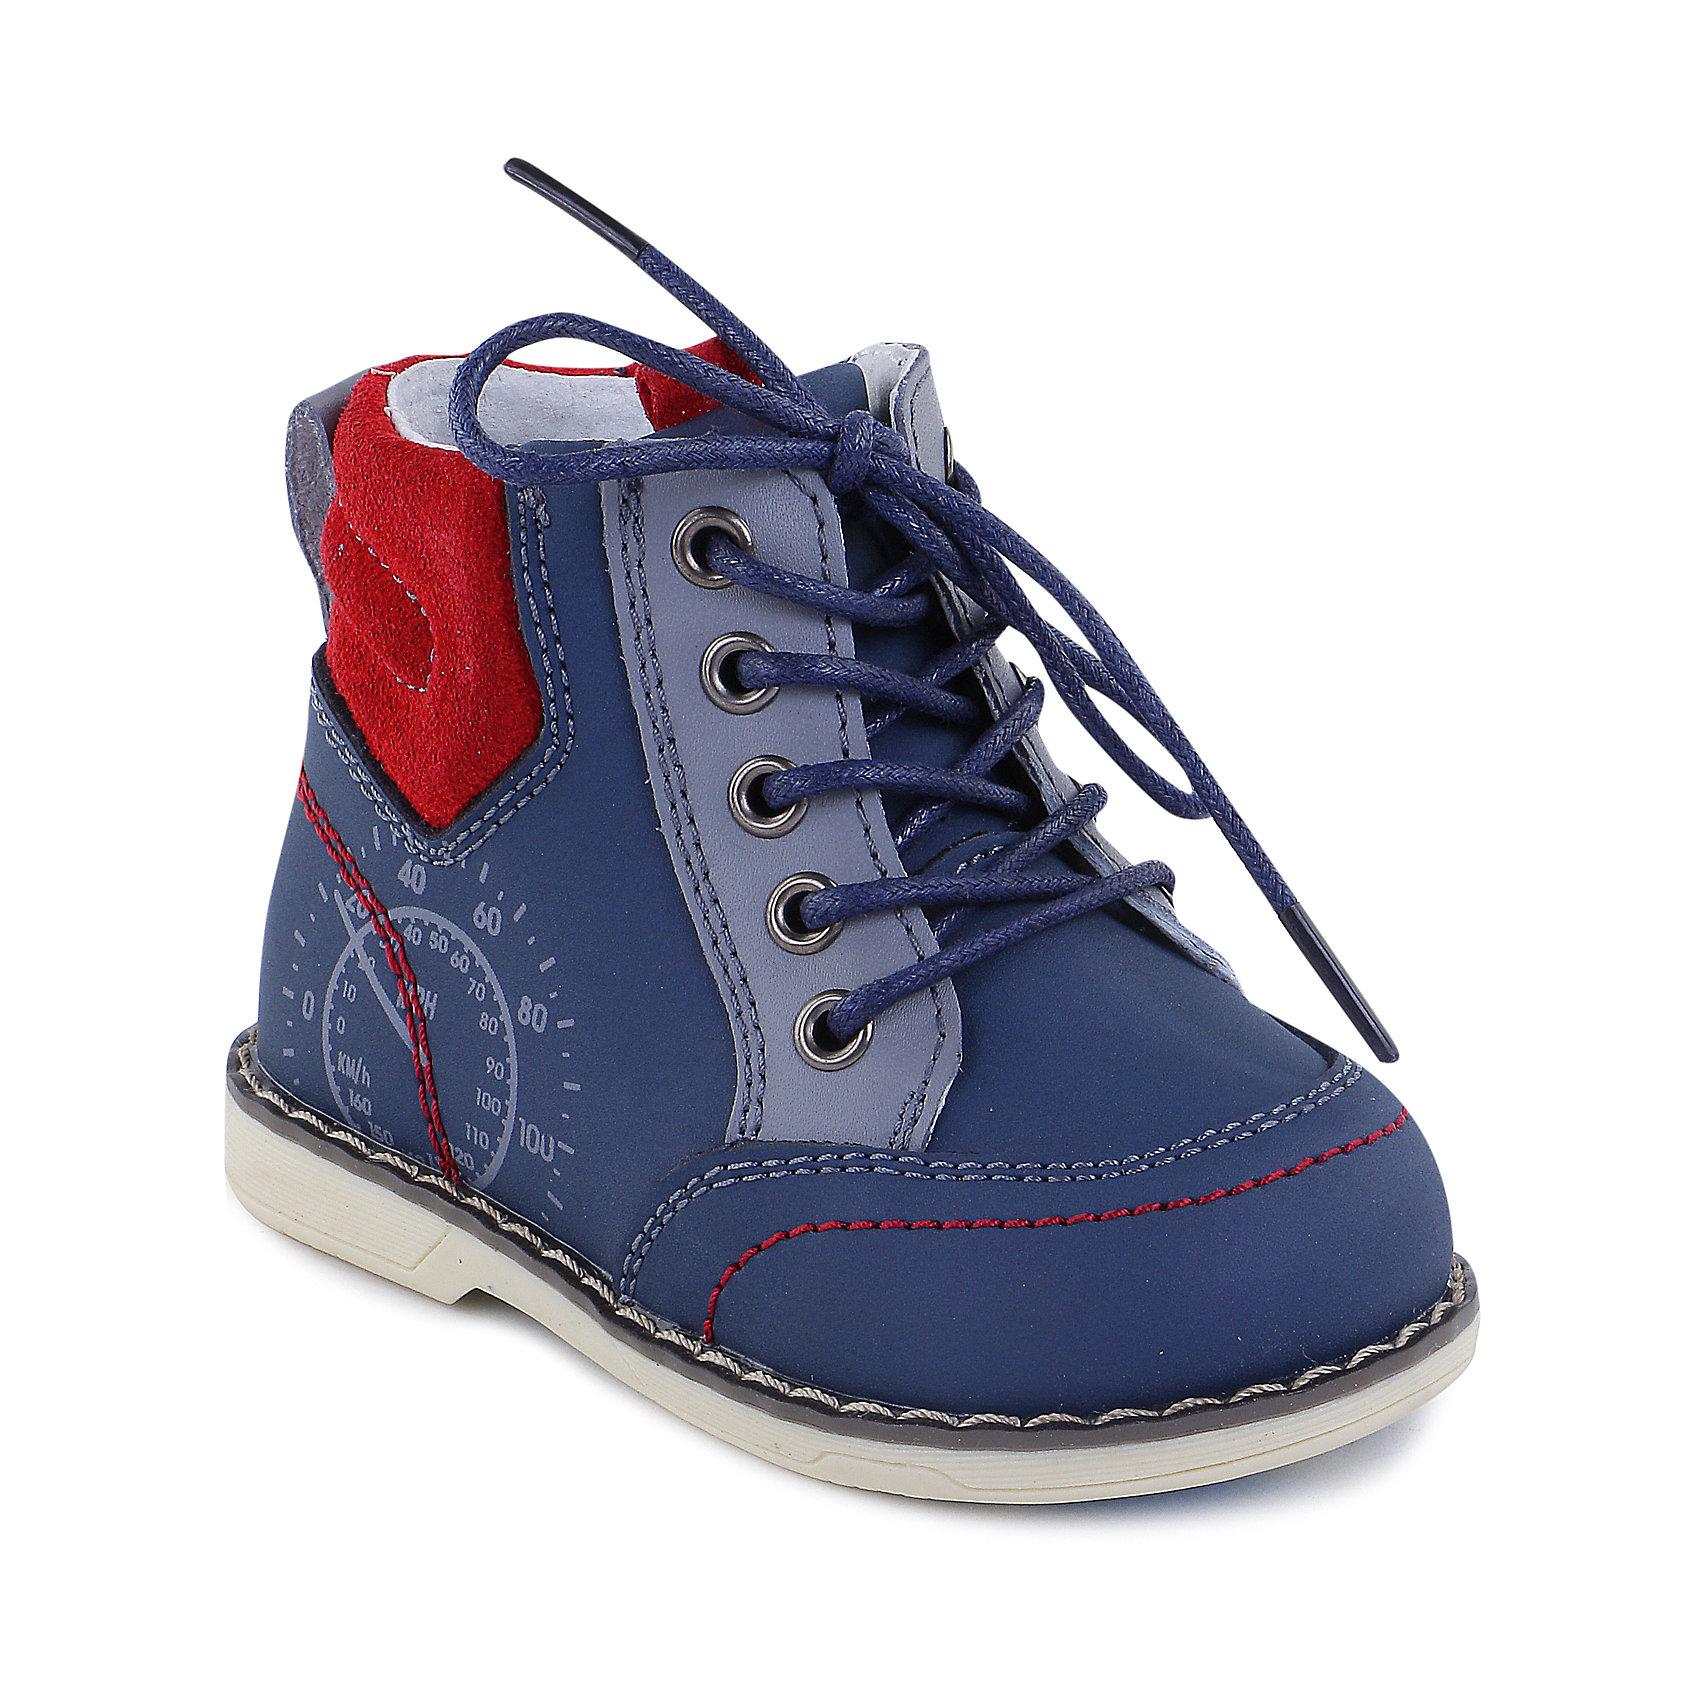 Ботинки для мальчика MURSUБотинки для мальчика от известного финского бренда MURSU - прекрасный вариант для юных модников. Модель оформлена крупной прострочкой по ранту, имеет  с усиленные пятку и нос, завязывается на шнурки или же застегивается на молнию, декорирована рисунком и контрастной отстрочкой. Мягкая вставка сзади препятствует натиранию, ботинки достаточно высокие, хорошо сидят на ноге, подъем и задник имеют ярлычки, помогающие быстро надеть обувь. Ботинки изготовлены из натуральной кожи, прекрасно смотрятся с любой одеждой, очень удобные и практичные.<br><br>Дополнительная информация:<br><br>- Сезон: весна/осень<br>- Тепловой режим: от +5? до +15? <br>- Цвет: синий.<br>- Декоративные элементы: принт, отстрочка.<br>- Рифленая подошва.<br>- Тип застежки: шнурки, молния. <br>- Стелька с супинатором. <br>- Ярлычки на подъеме и заднике.<br><br>Состав:<br><br>- Материал верха: кожа.<br>- Материал подкладки: кожа.<br>- Материал подошвы: TPR.<br>- Материал стельки: кожа.<br><br>Ботинки для мальчика MURSU (Мурсу), можно купить в нашем магазине.<br><br>Ширина мм: 262<br>Глубина мм: 176<br>Высота мм: 97<br>Вес г: 427<br>Цвет: синий<br>Возраст от месяцев: 12<br>Возраст до месяцев: 15<br>Пол: Мужской<br>Возраст: Детский<br>Размер: 21,25,26,22,23,24<br>SKU: 4195782